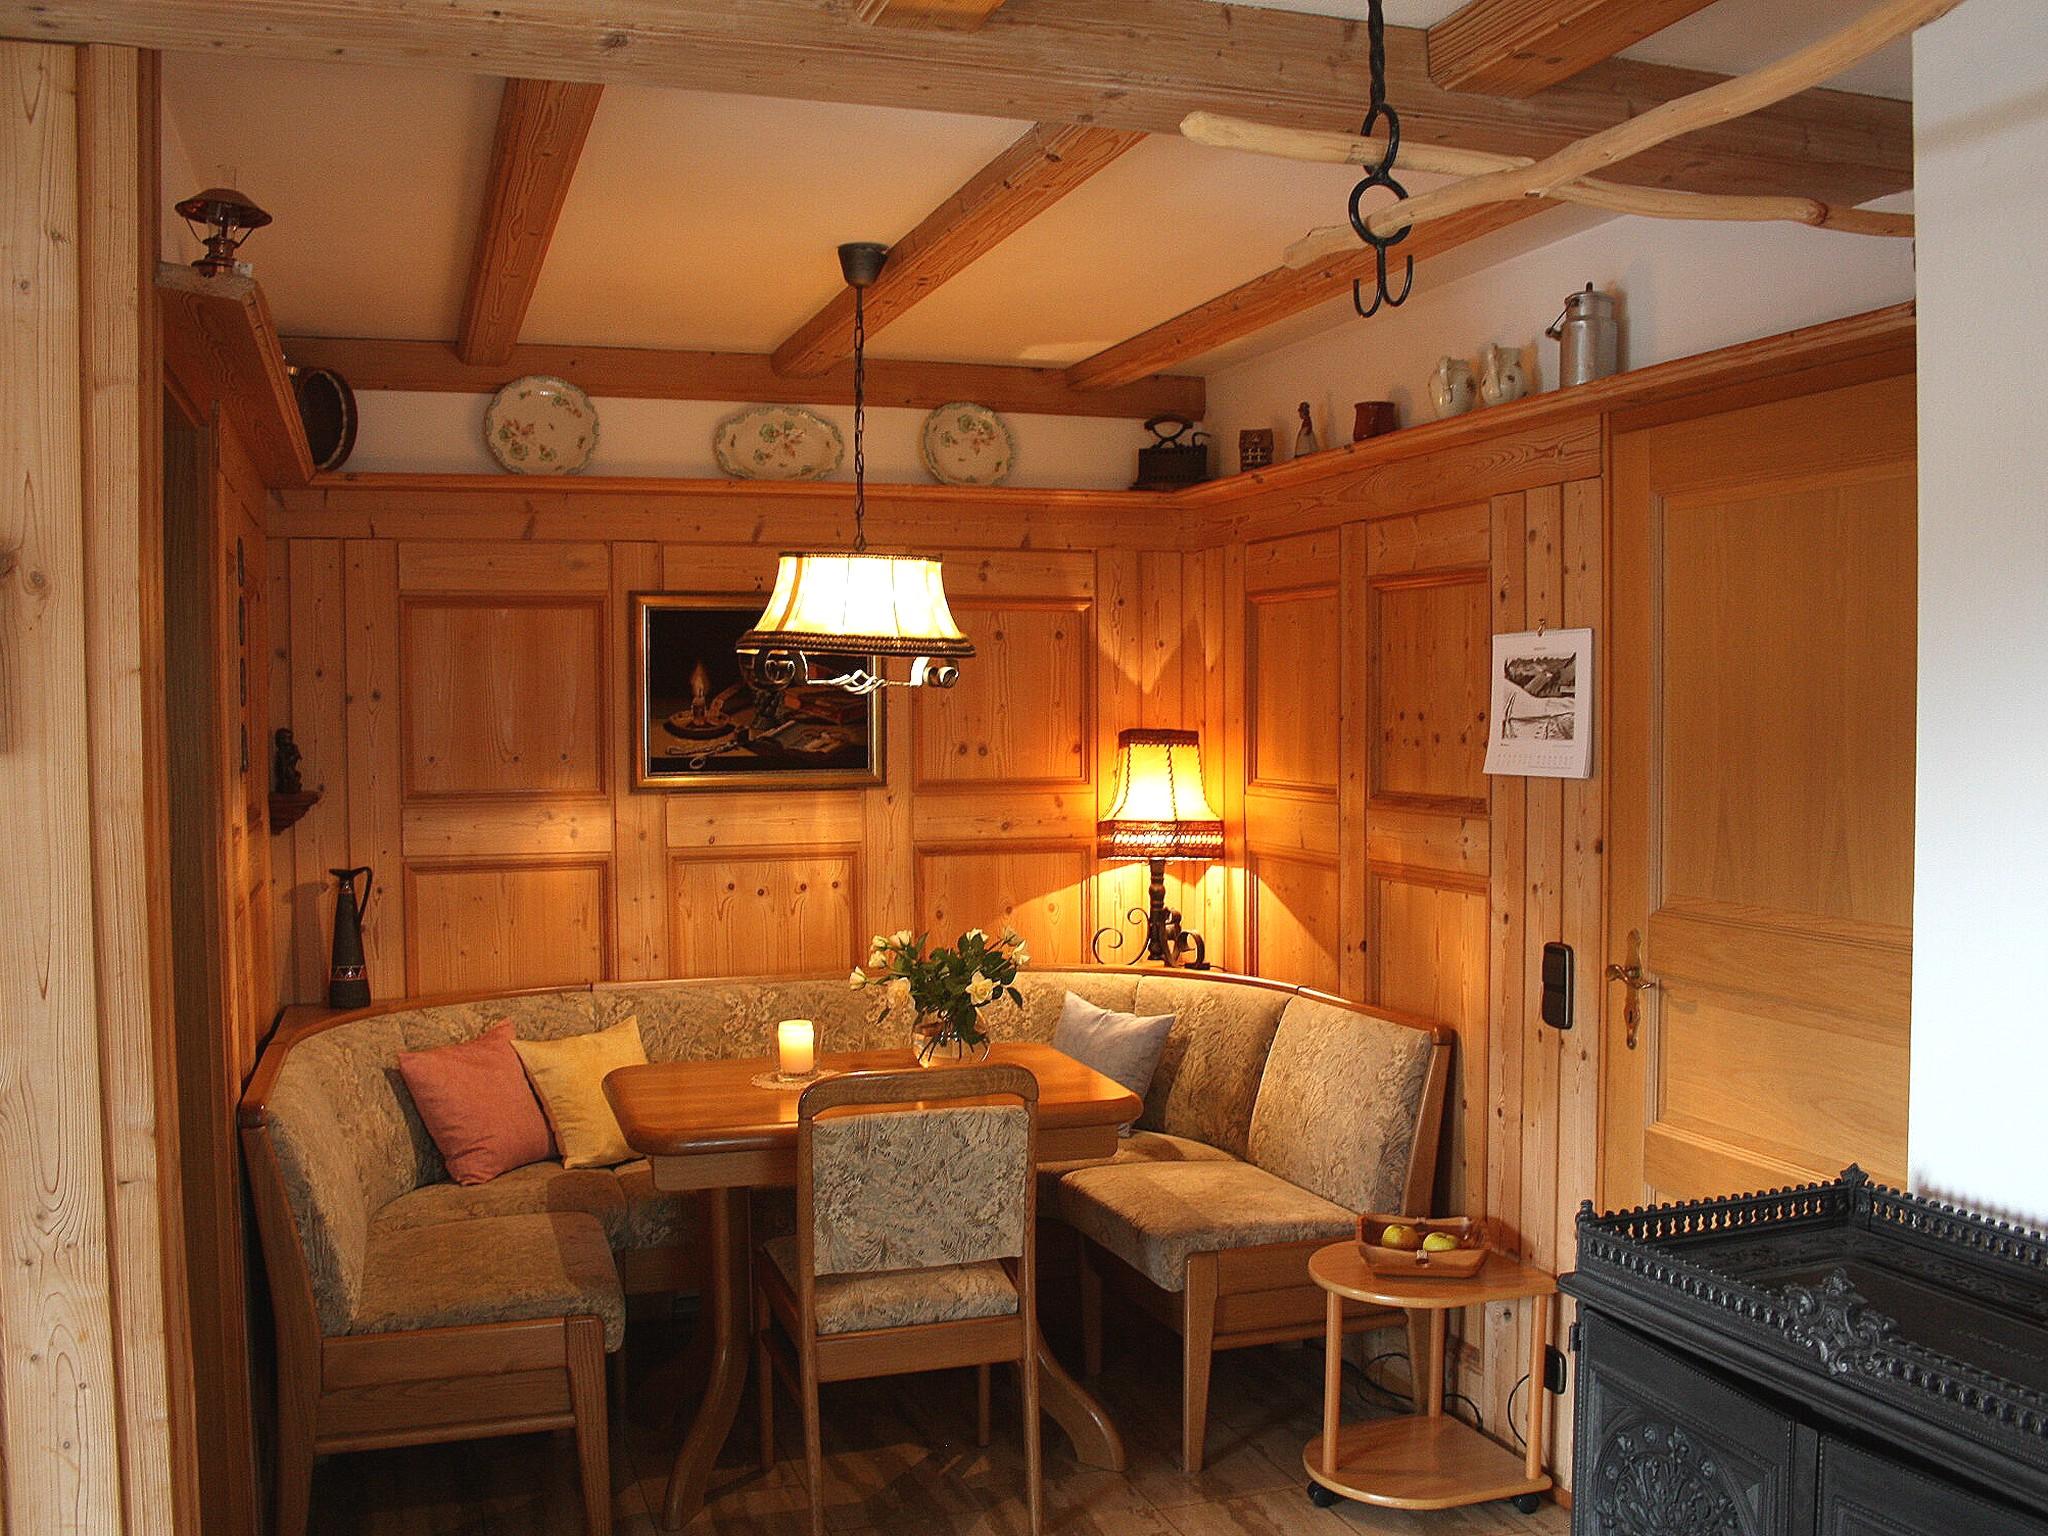 Hinterleitner angelika de grassau ferienwohnung 80 qm for Wohnzimmer 19 qm